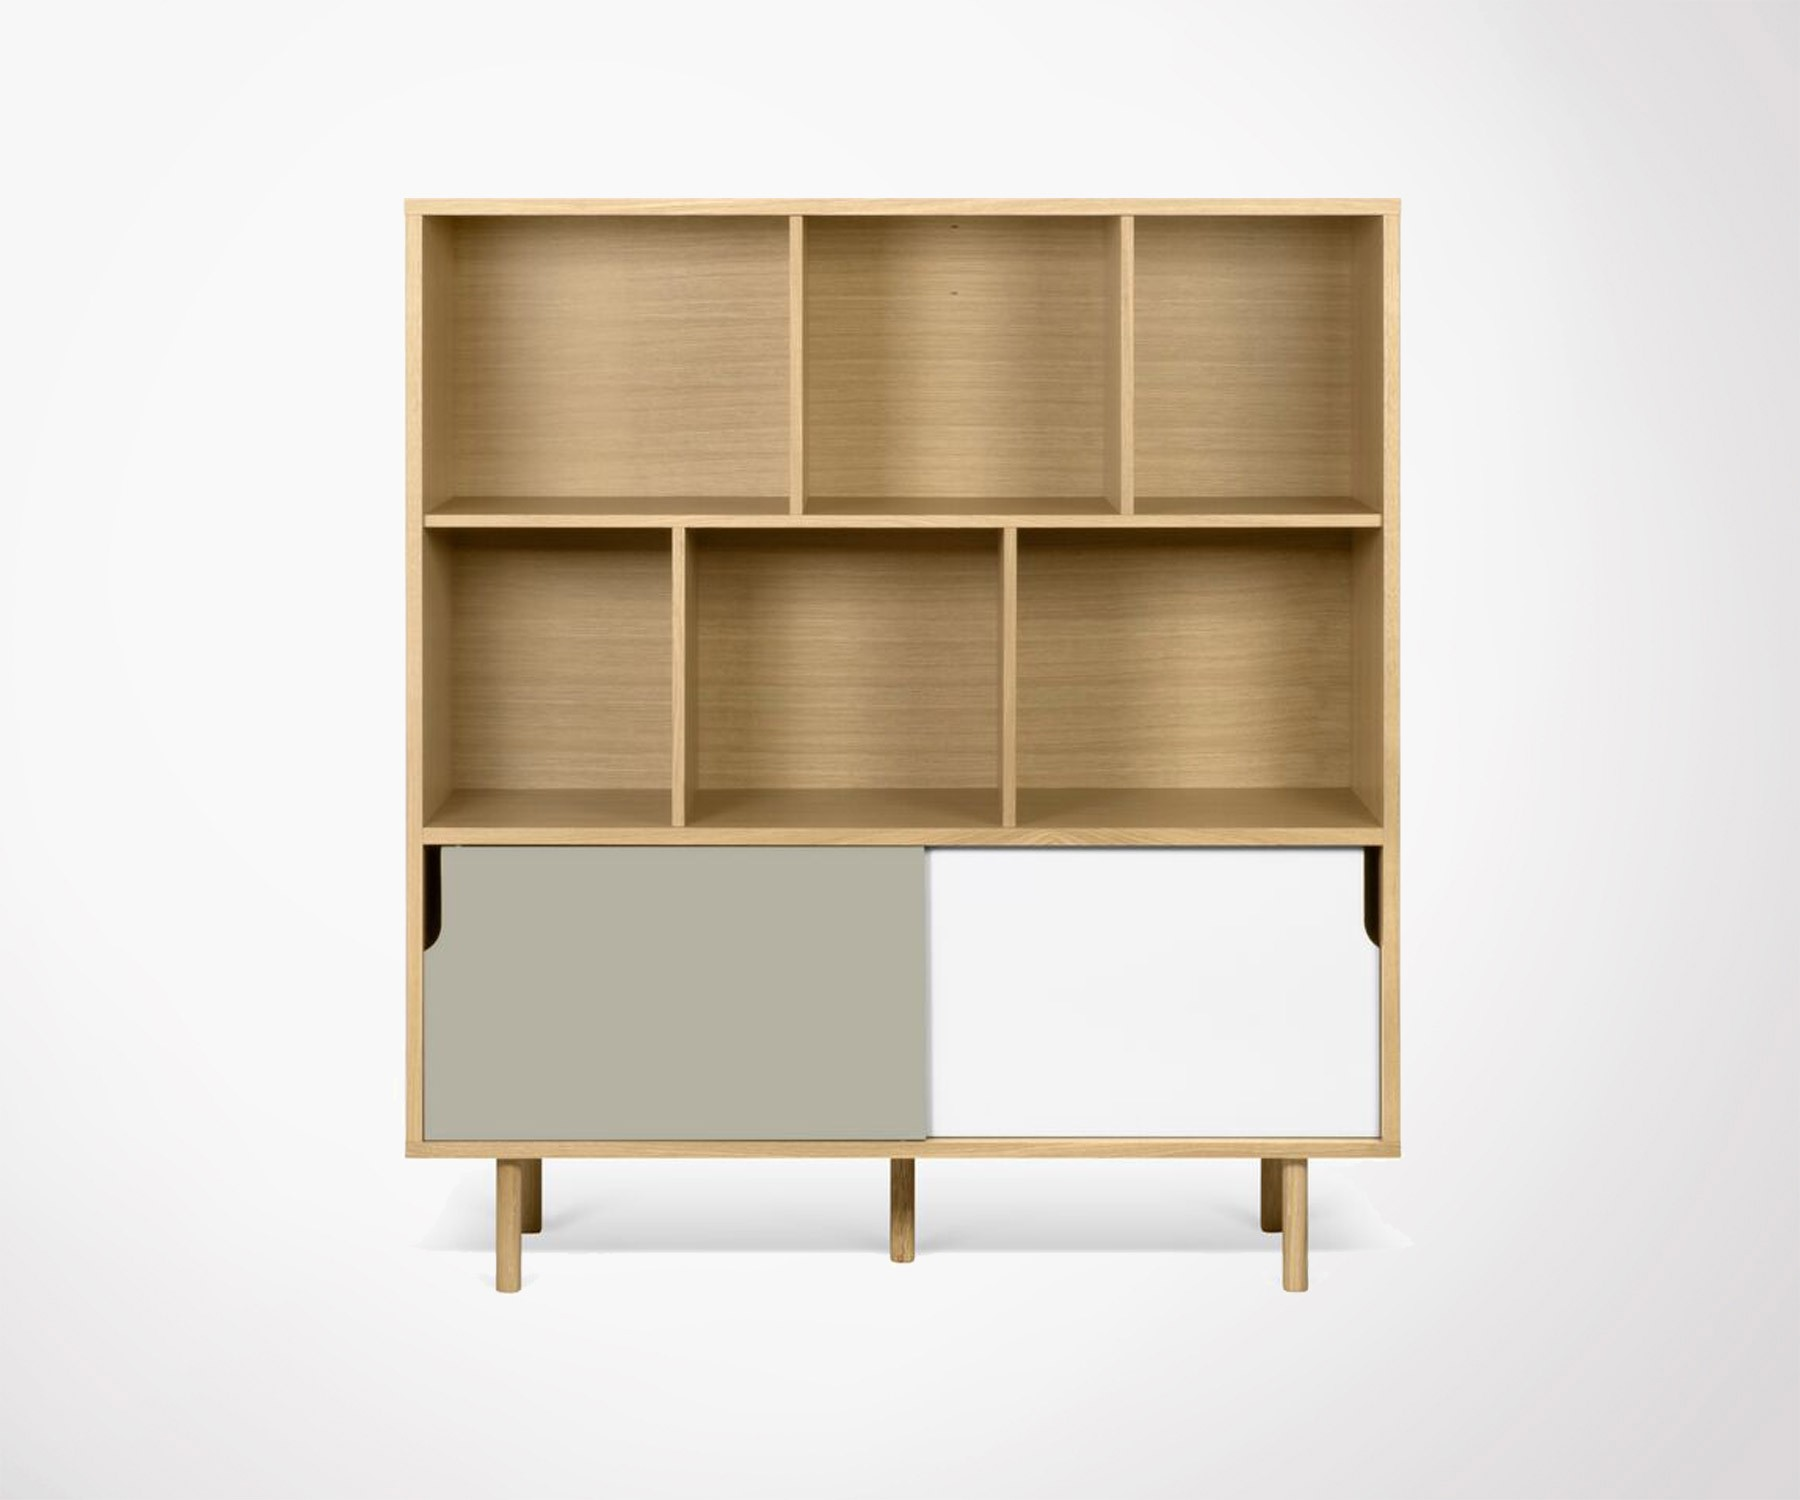 Large Gamme De Mobilier De Rangement Design Meubles Et Design # Meuble Tv Suspendu Scandinave